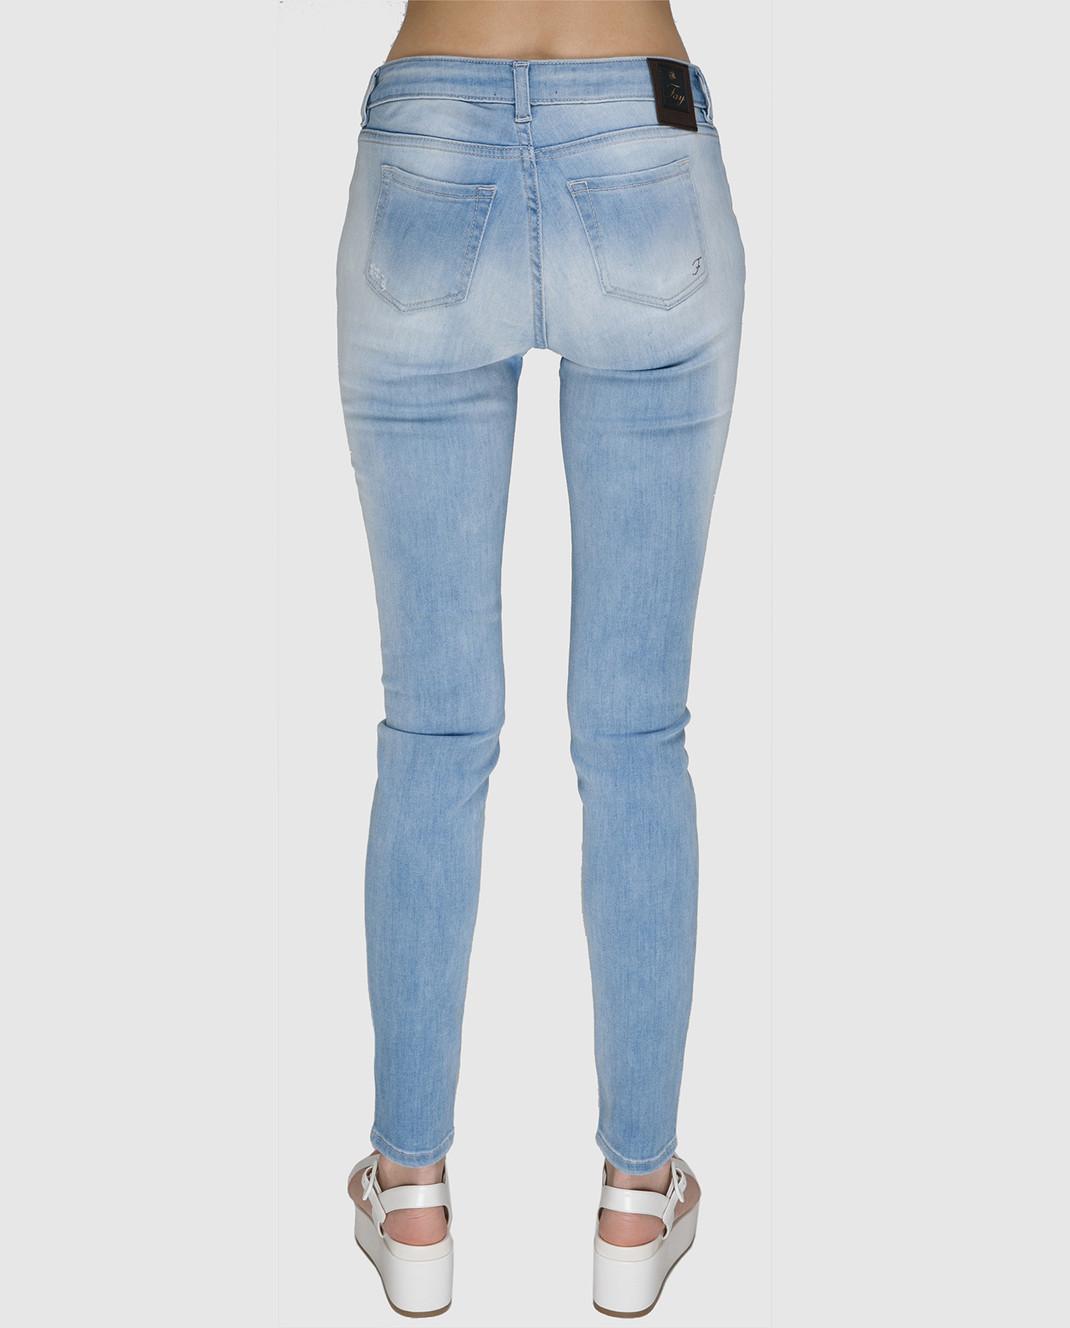 FAY Голубые джинсы NTW8234524LOJN изображение 4